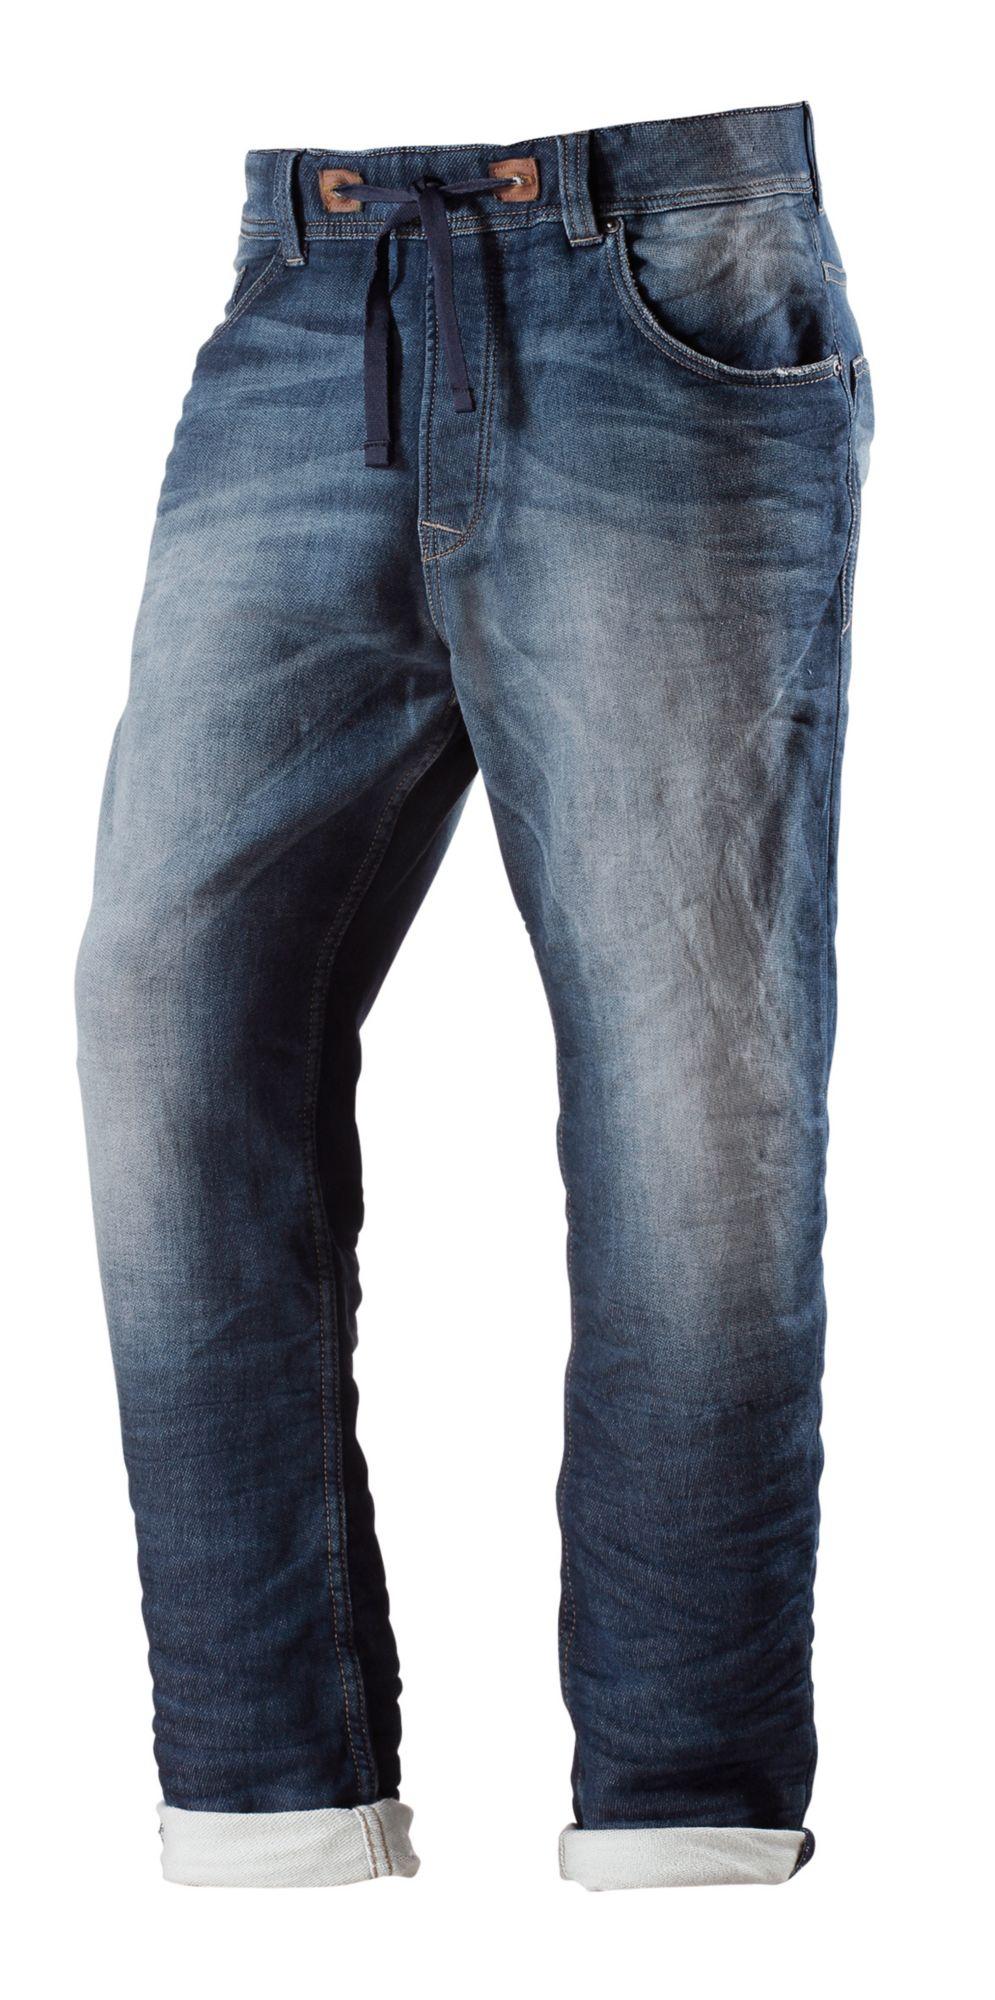 Bild TOM TAILOR Sweat Jeans Herren